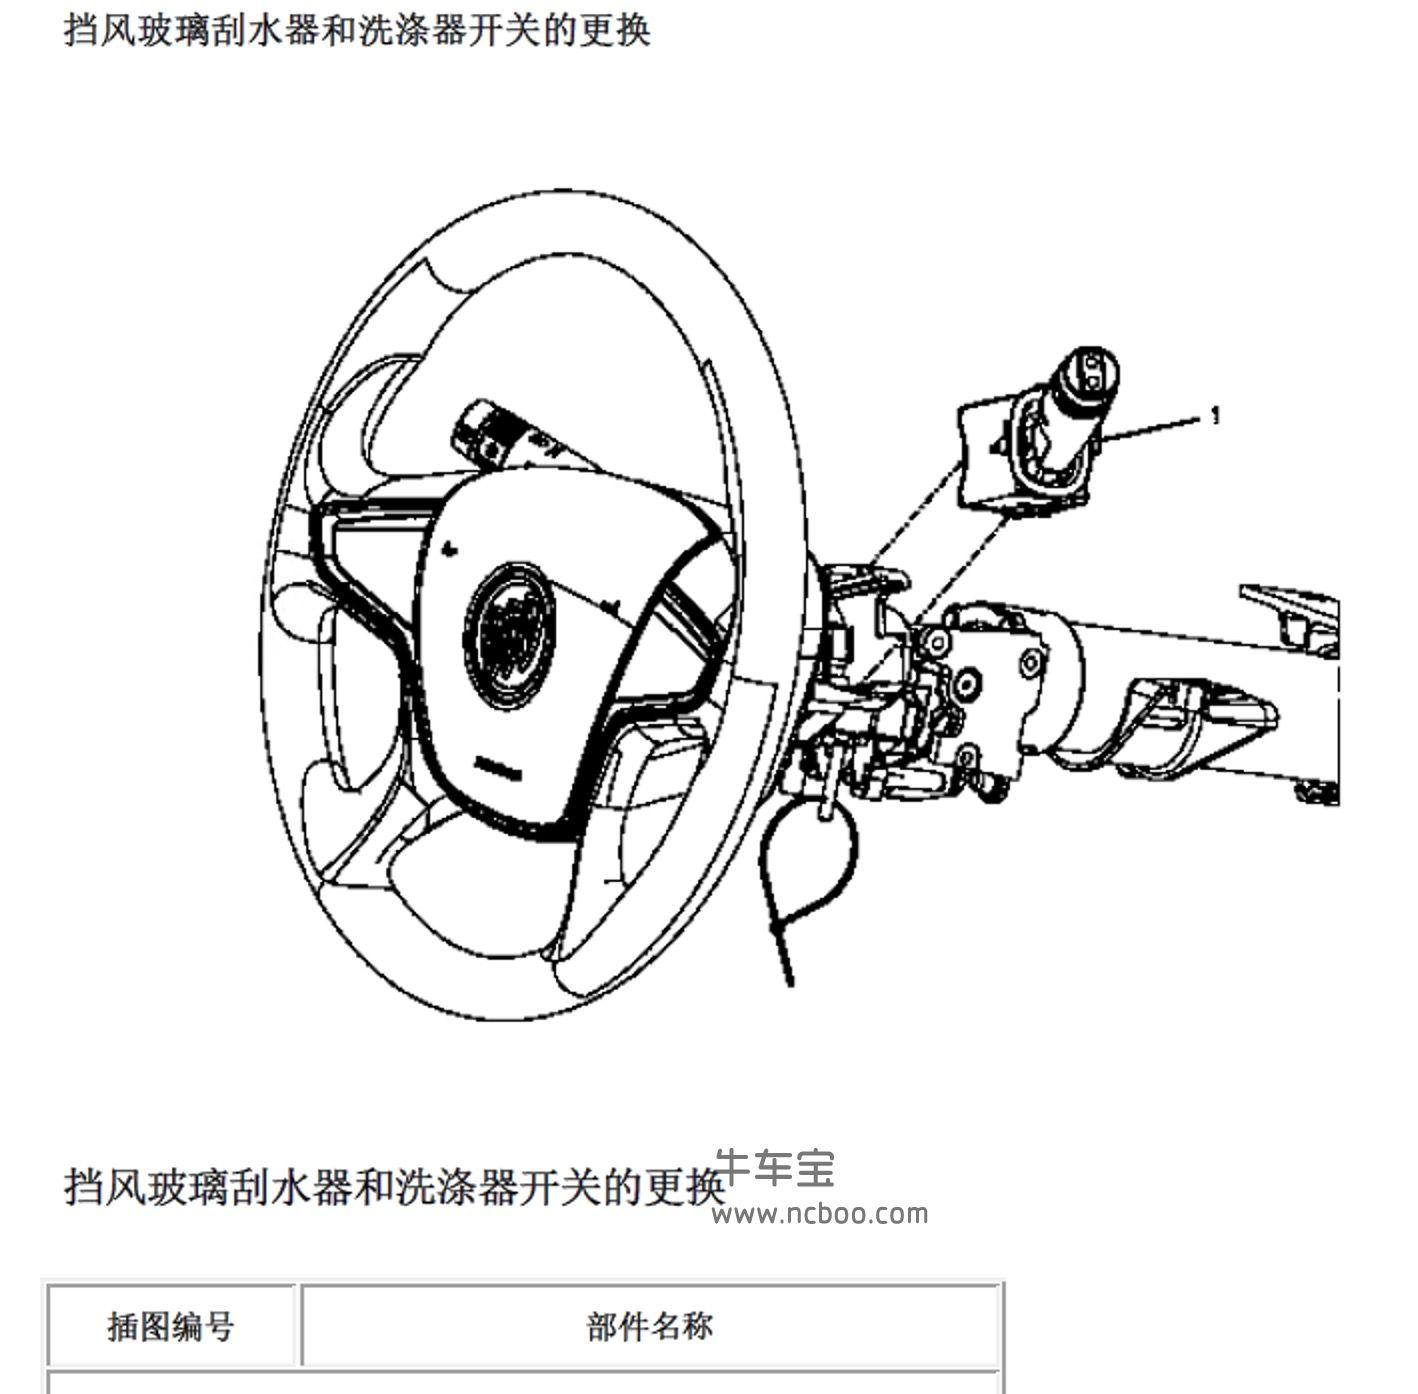 2016-2017款别克GL8(豪华版)原厂维修手册和电路图下载